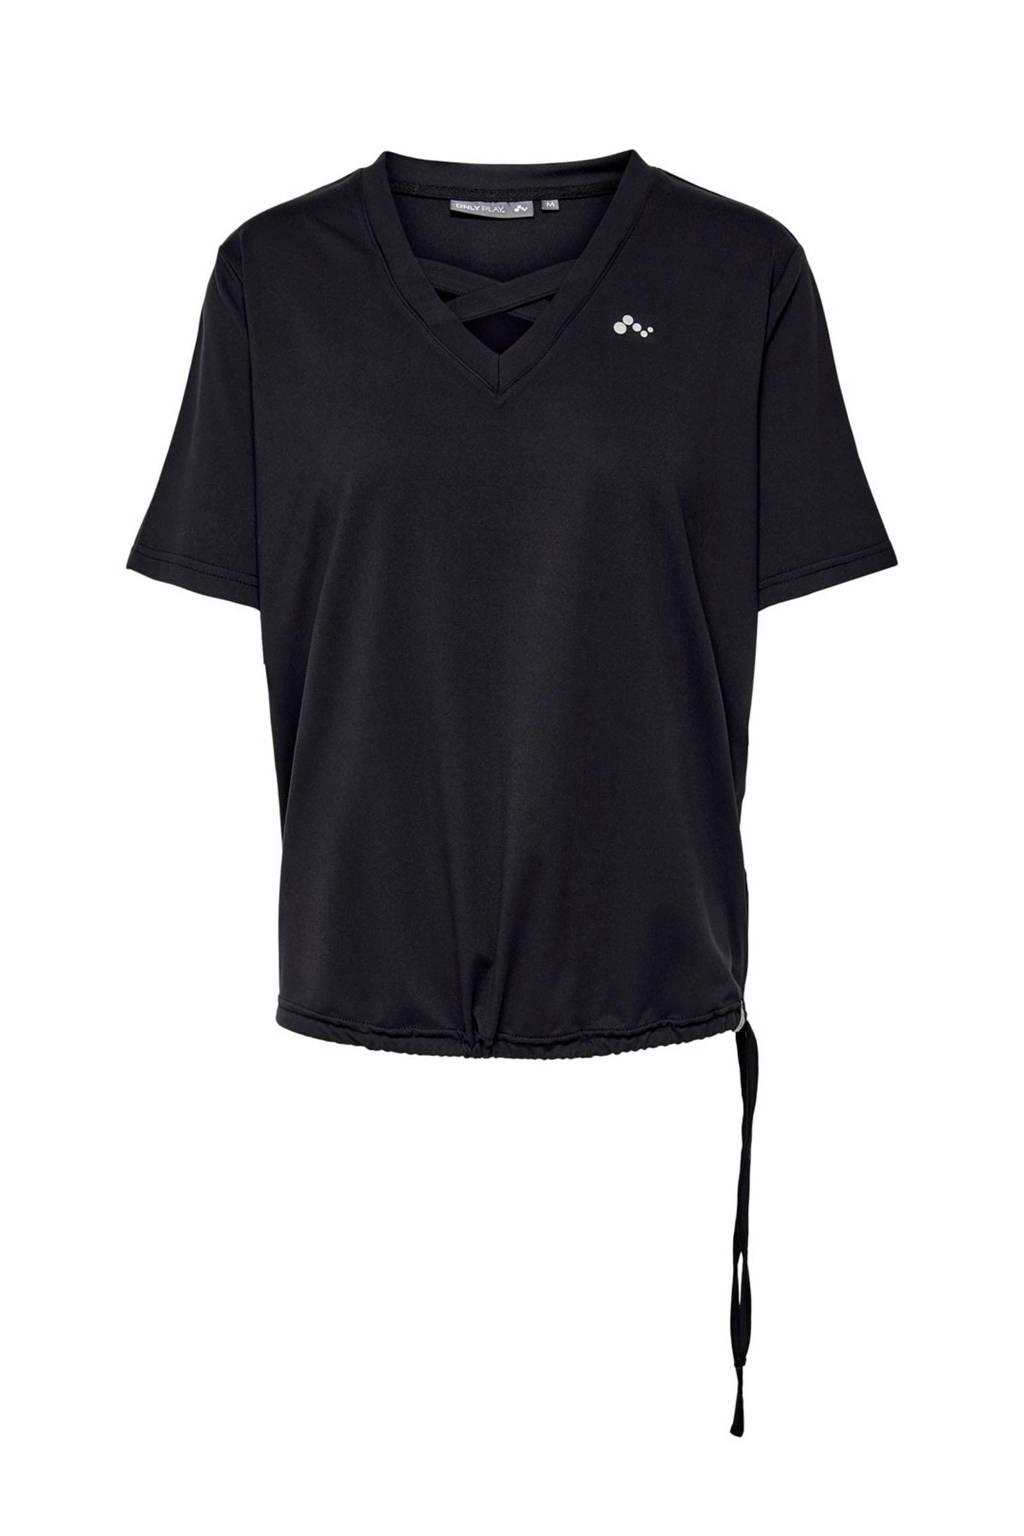 ONLY PLAY sport T-shirt, Zwart